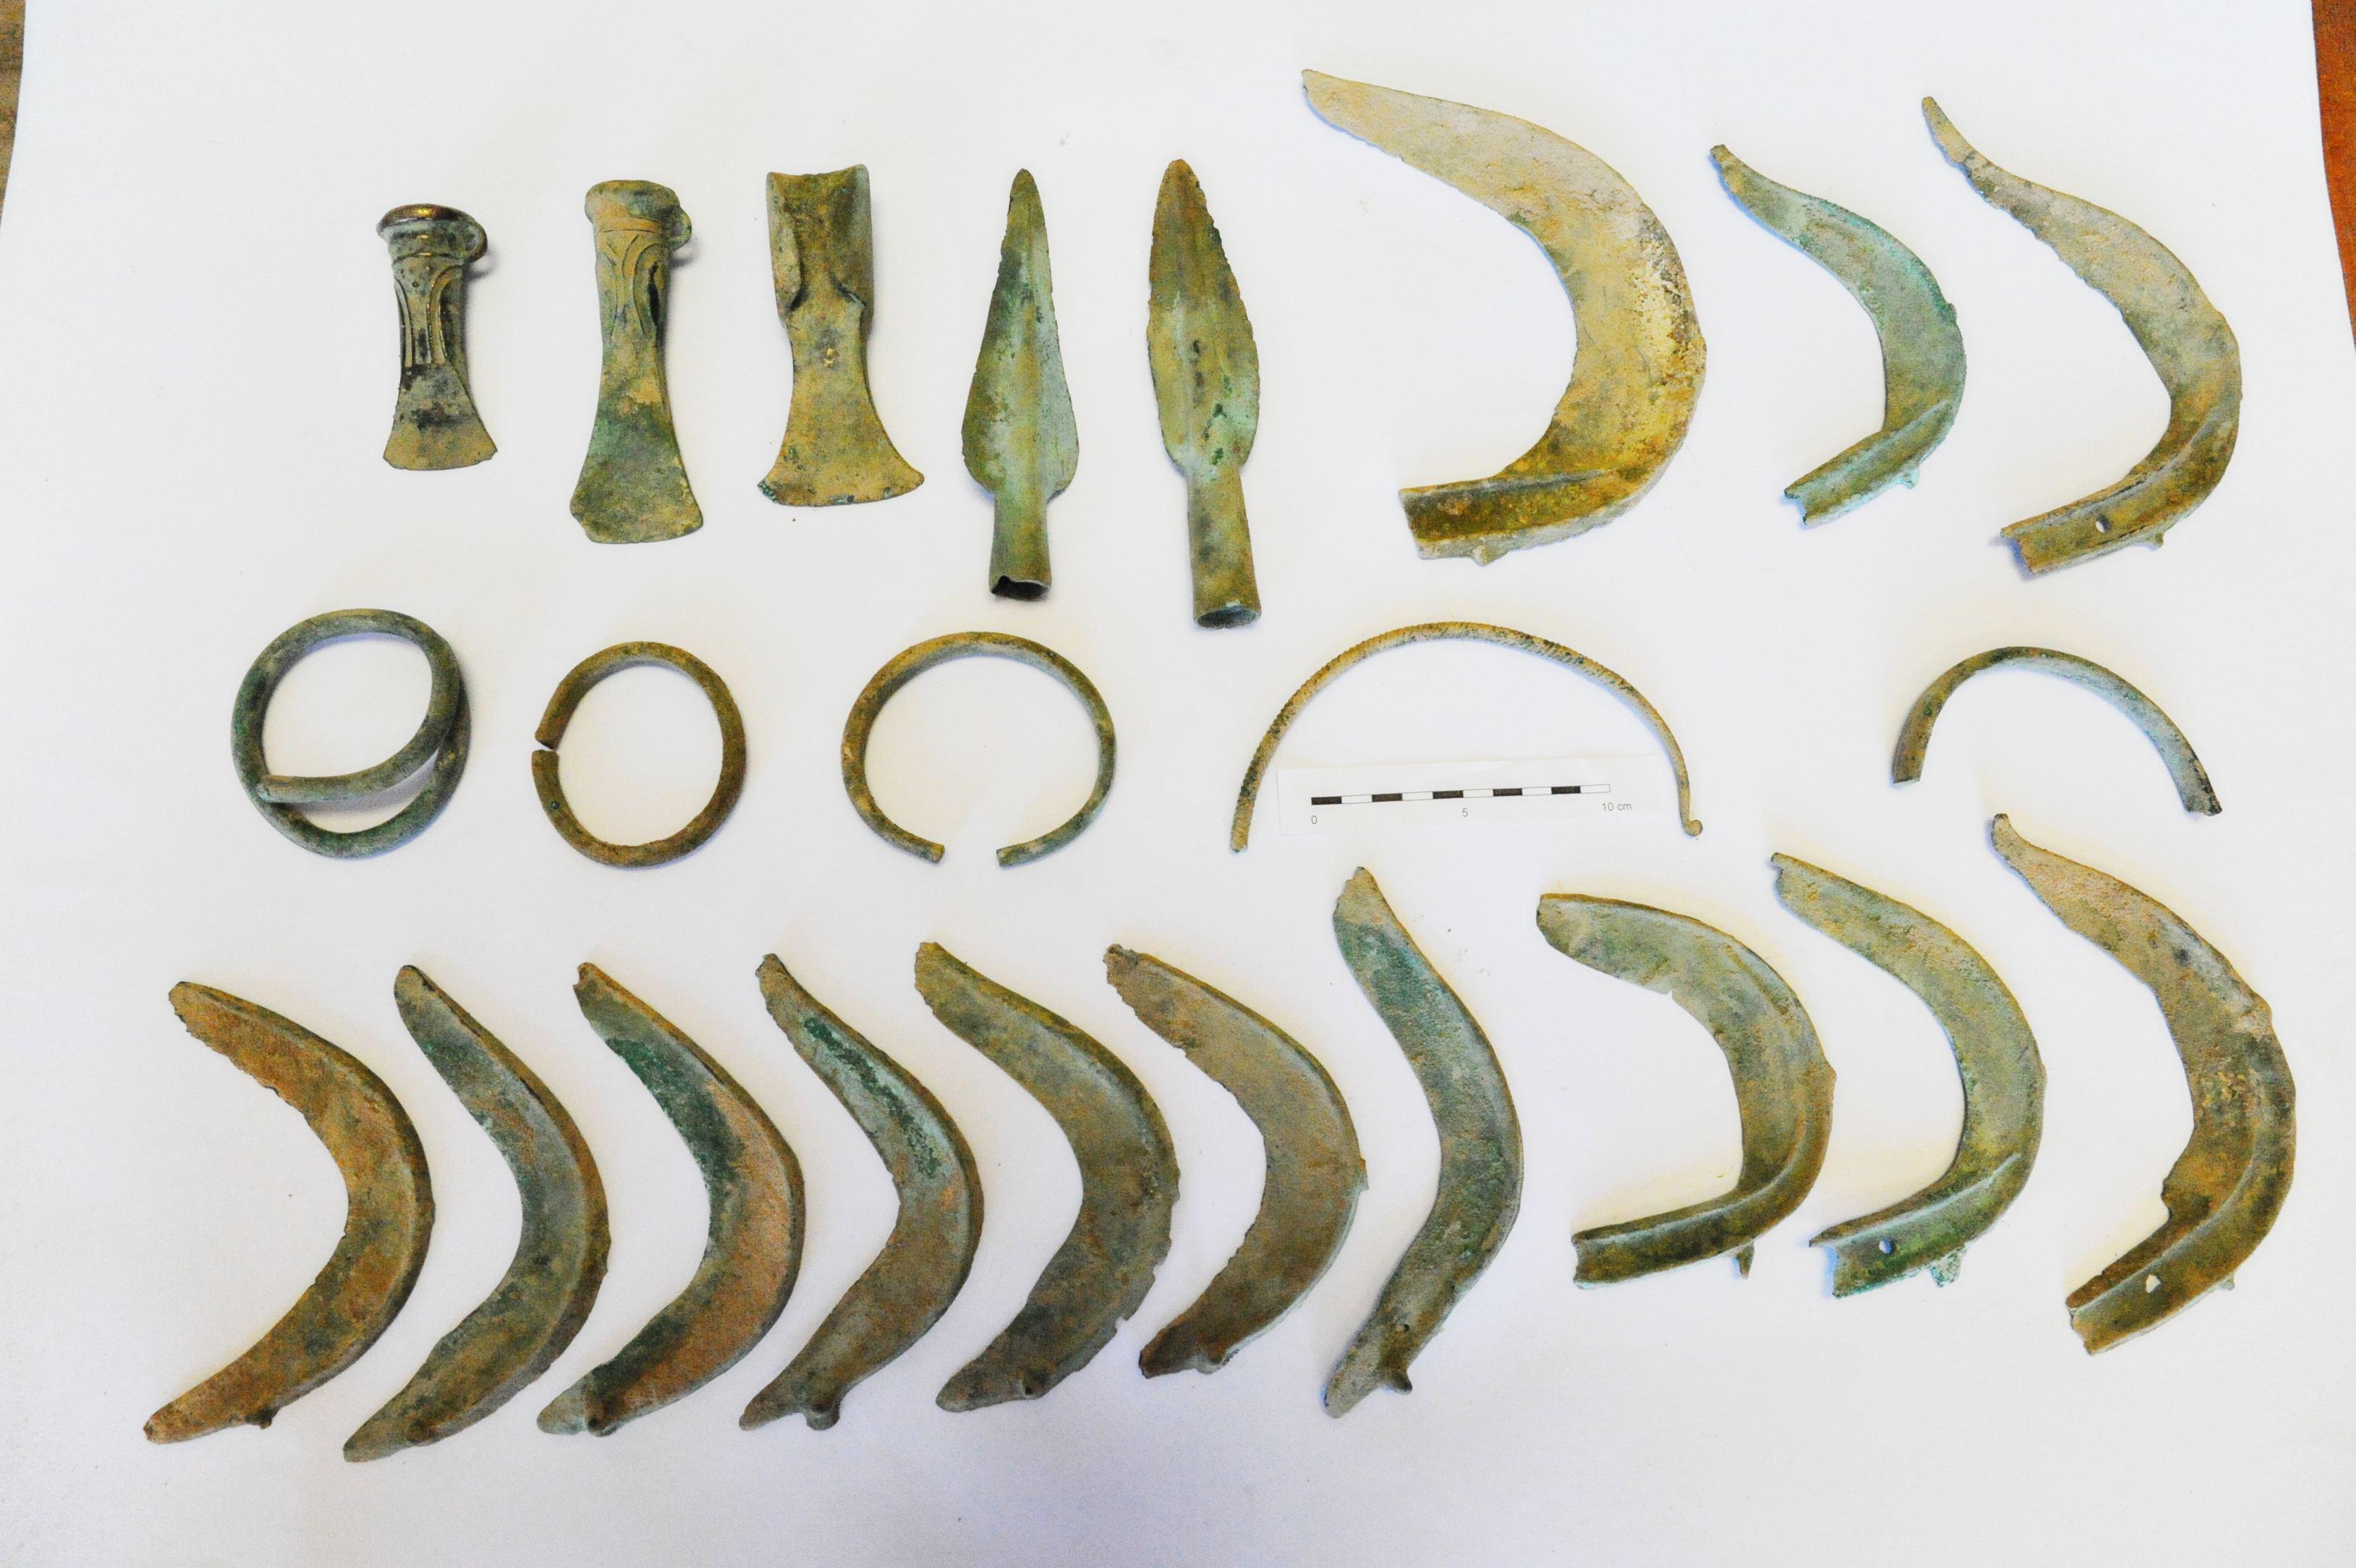 Pes našel unikátní archeologický nález z doby bronzové